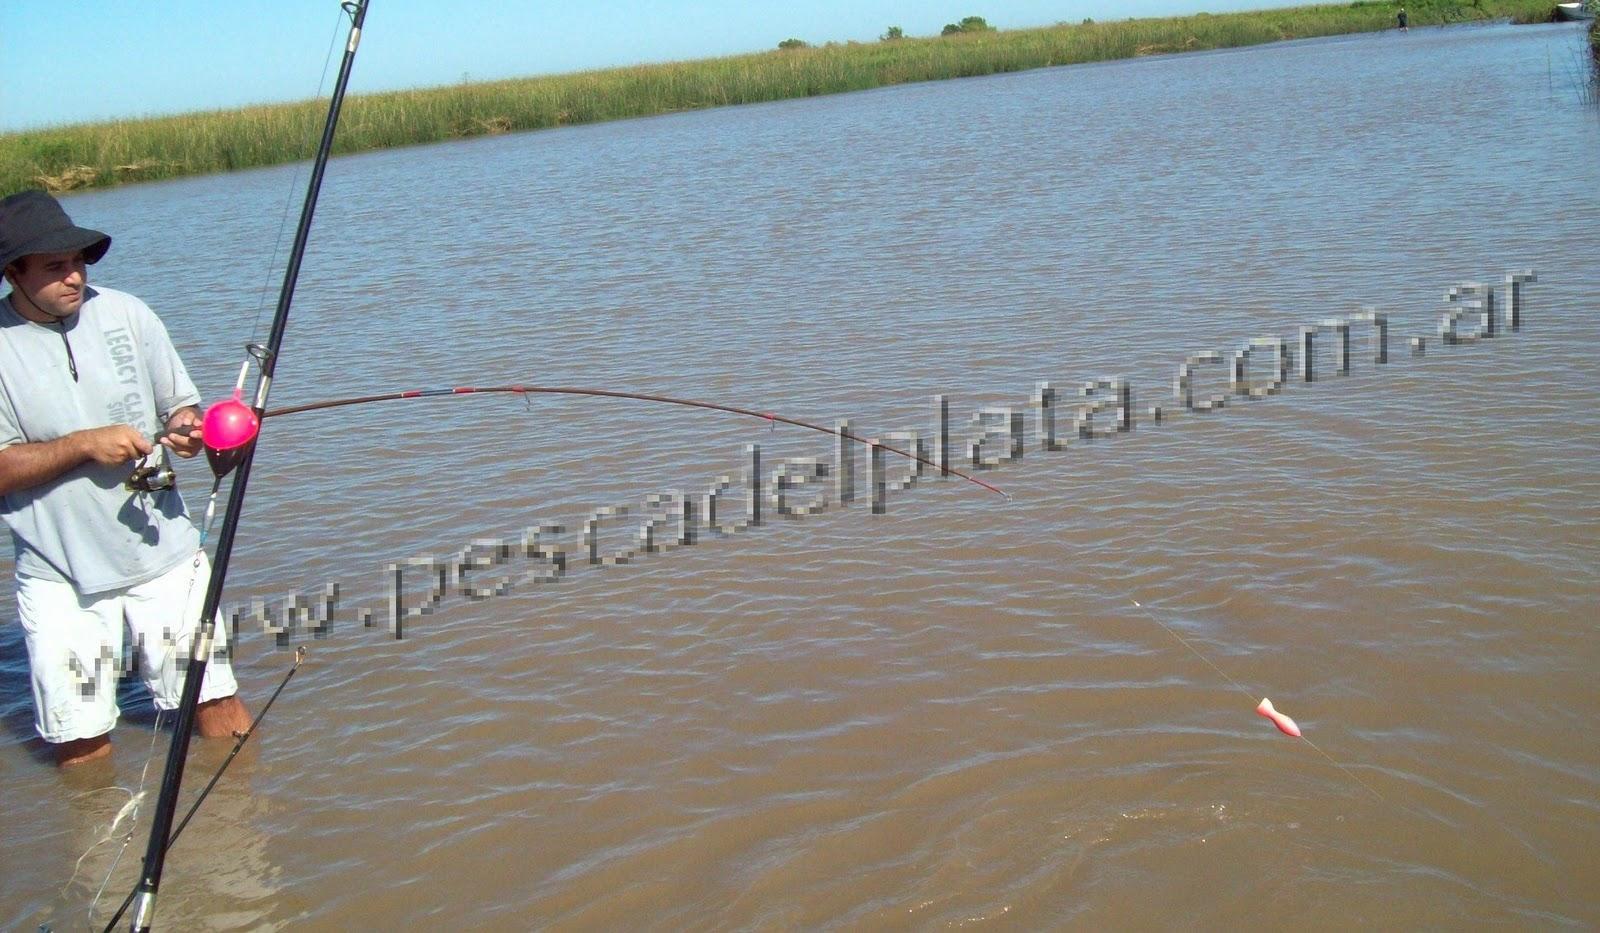 El informe en esta semana sobre la pesca en la esfera de Kursk